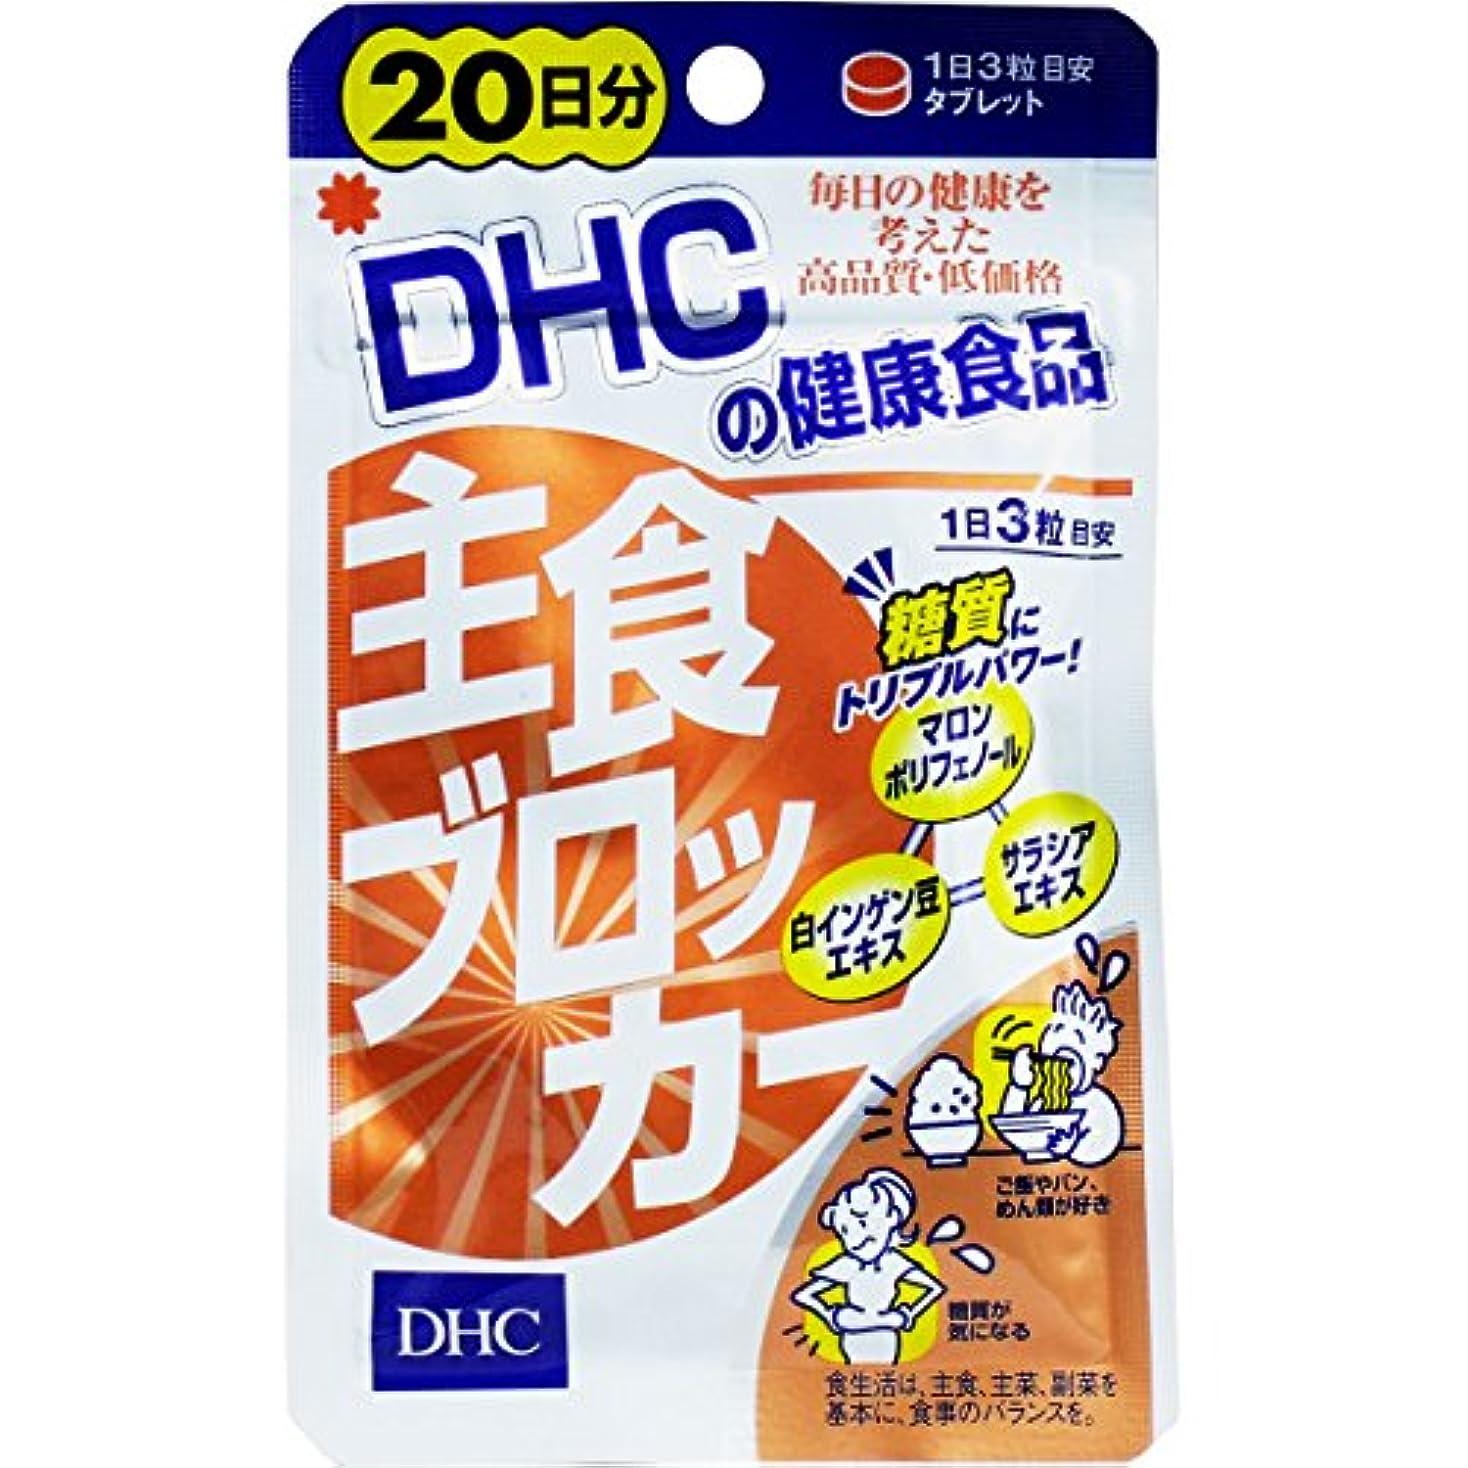 シマウマすなわち受取人DHC 主食ブロッカー 20日分 60粒(12g) 2個セット